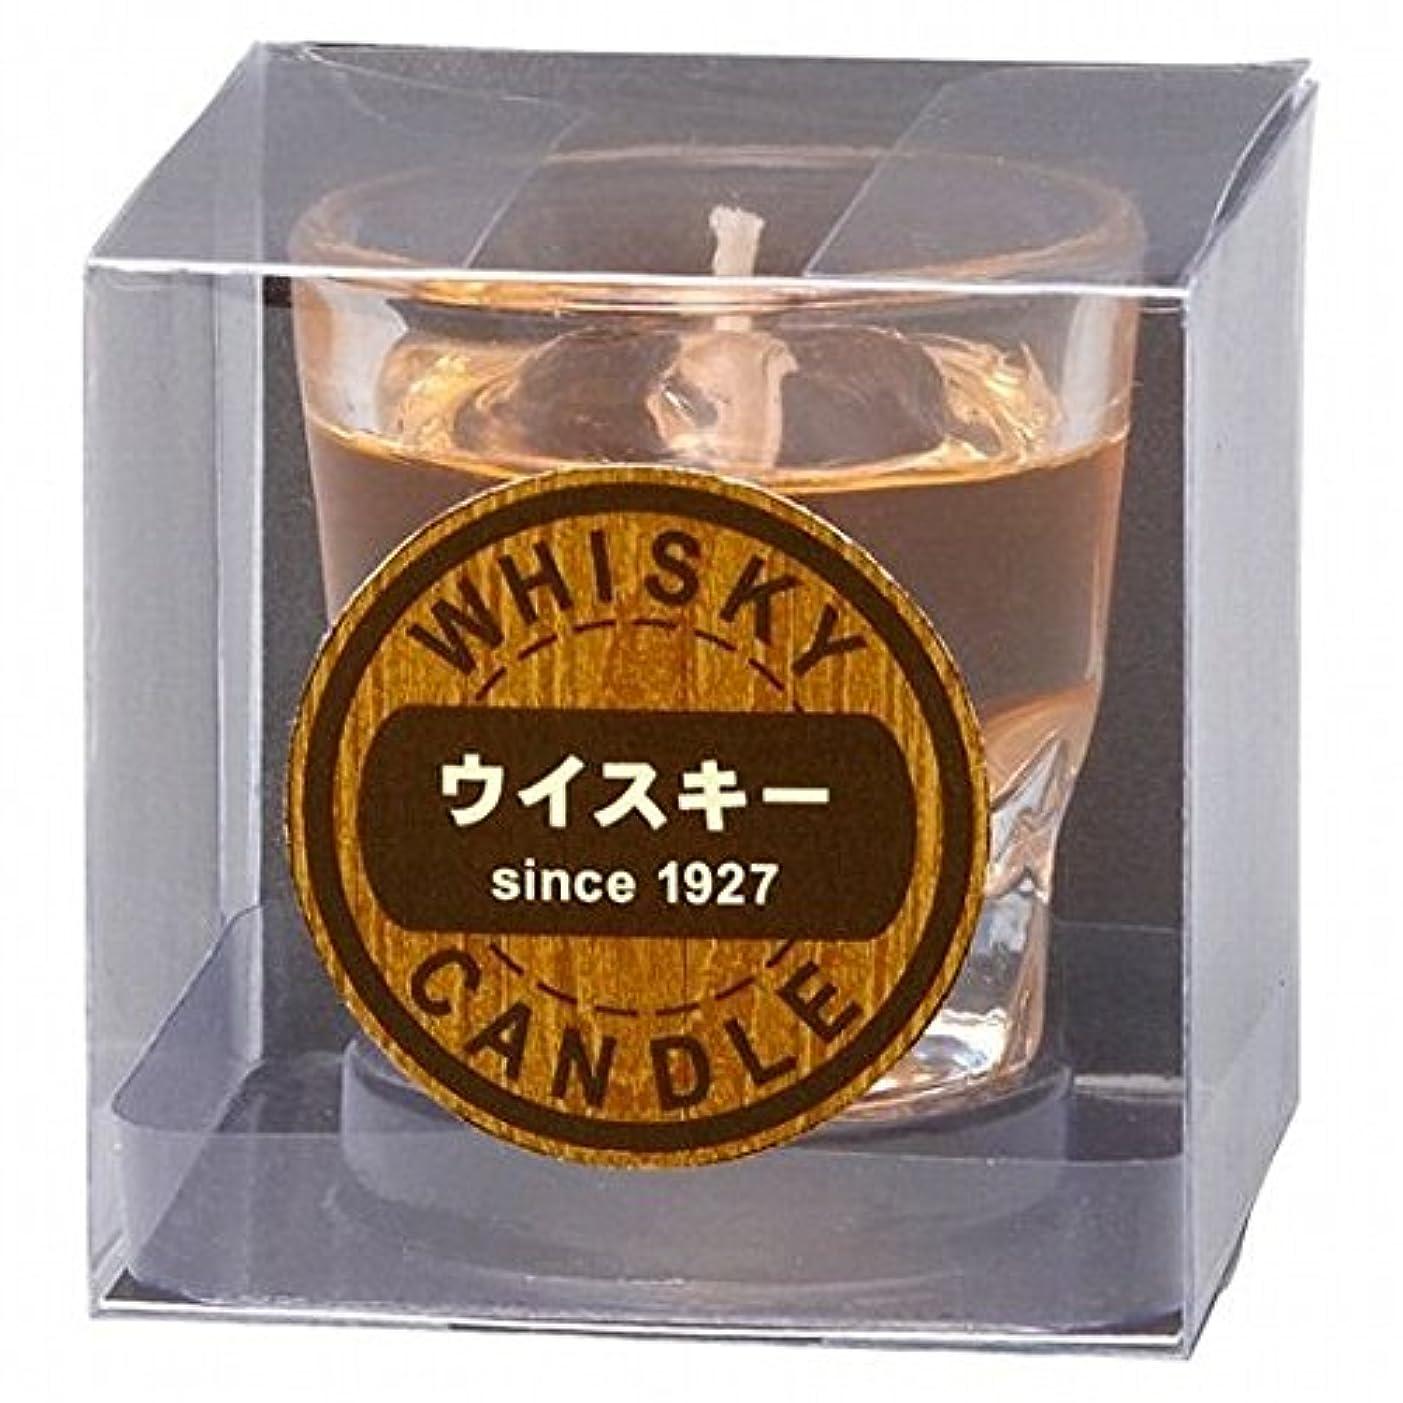 ストレス砂の湖kameyama candle(カメヤマキャンドル) ウイスキーロックキャンドル(86170000)